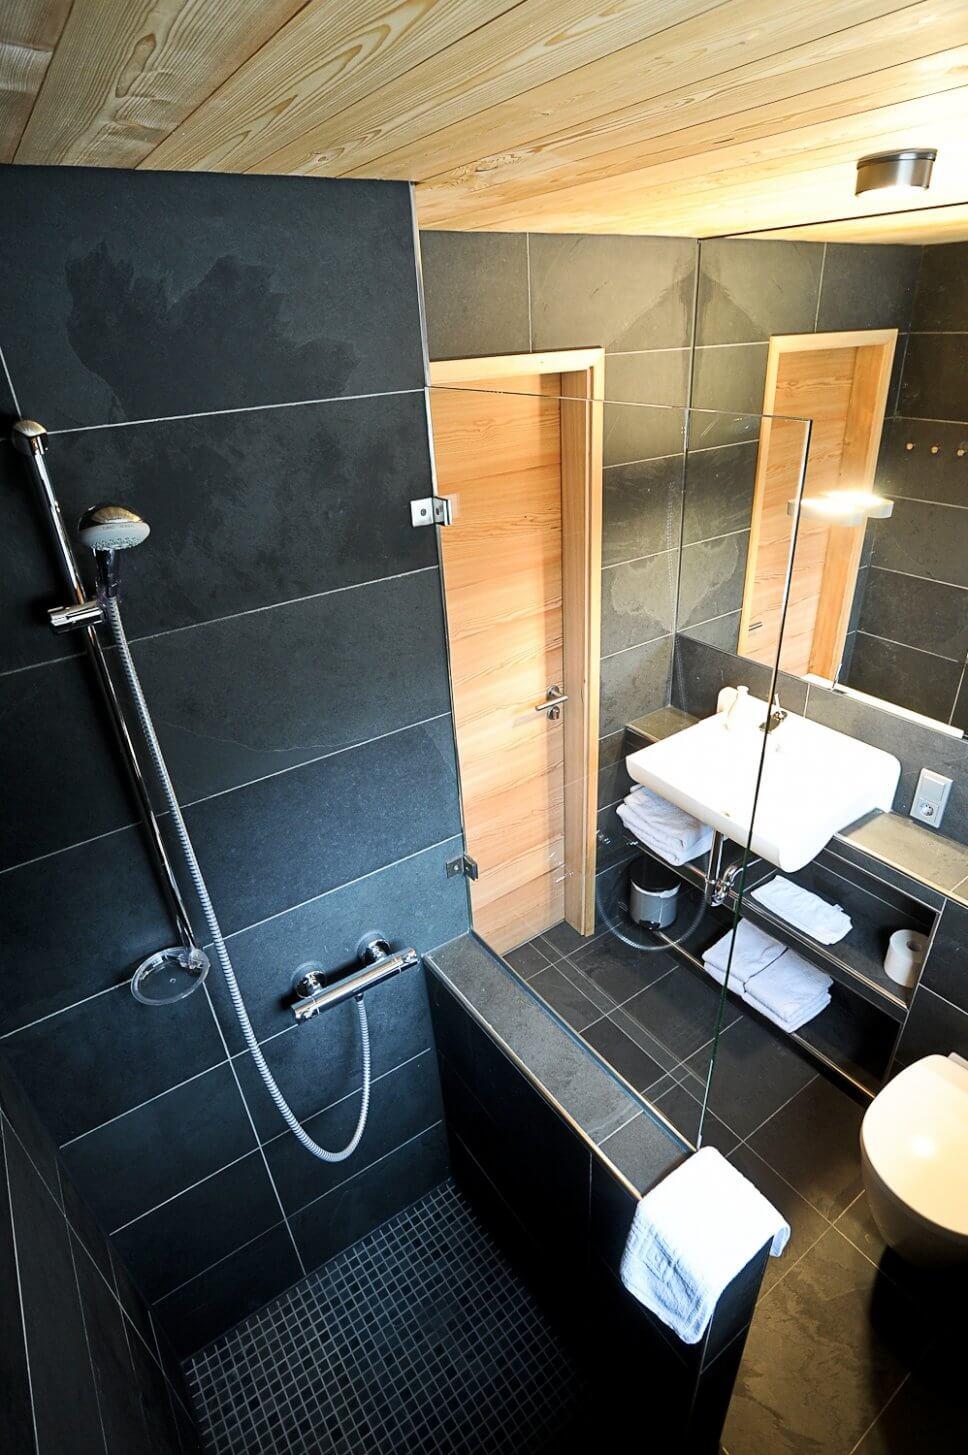 Modernes Duschbad in einem geräumigen Baumhaus